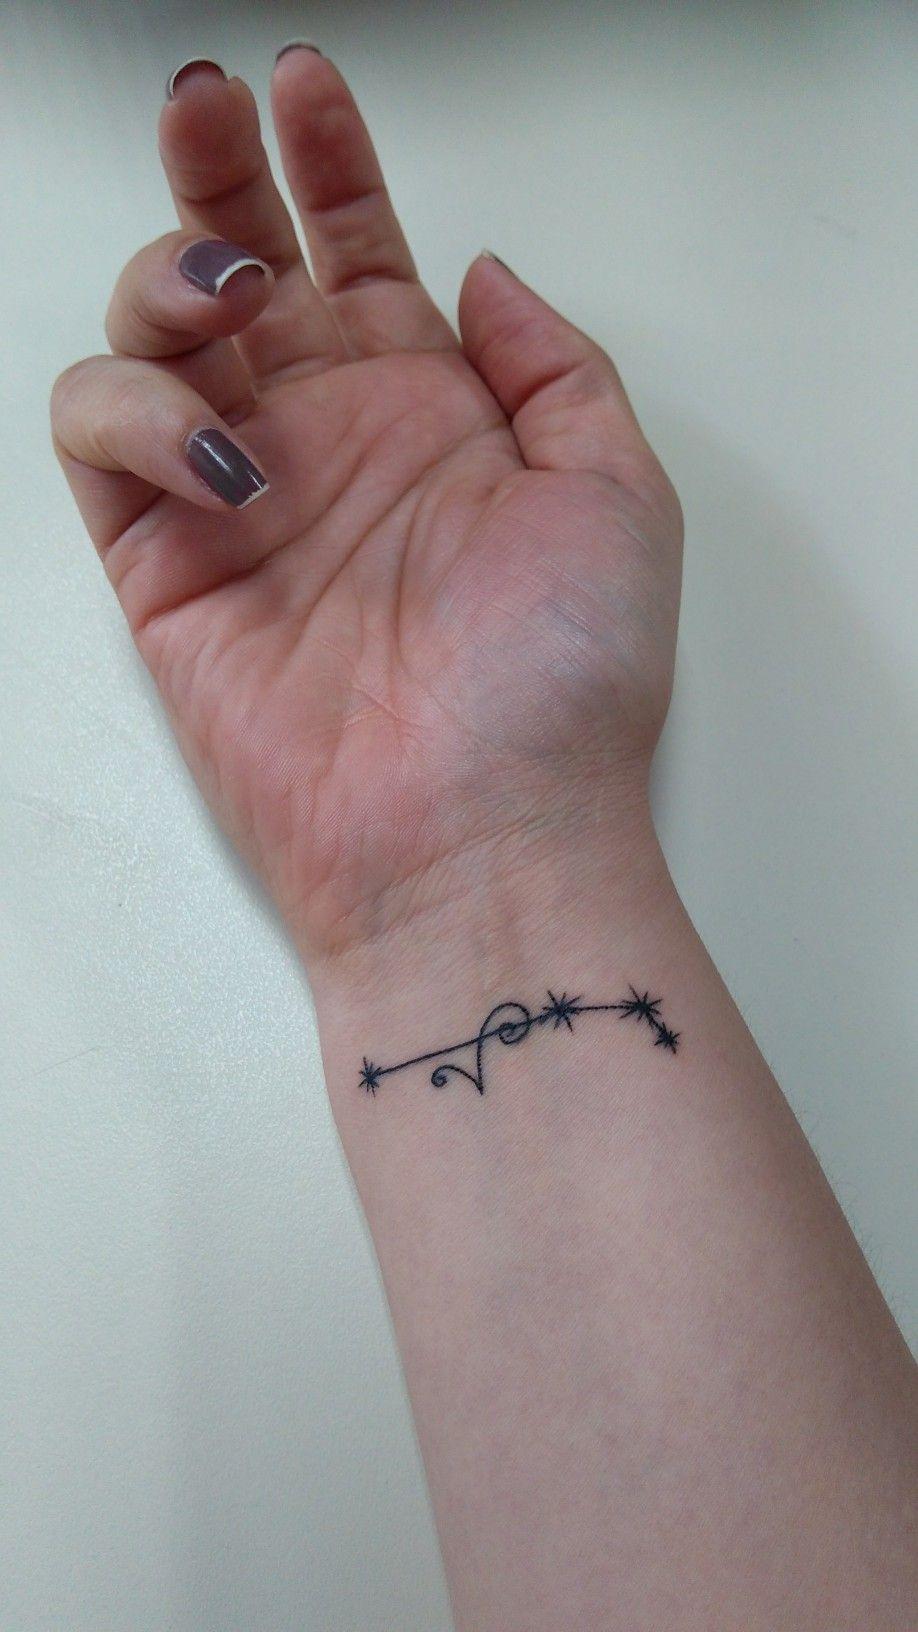 Áries tattoo | Aries tattoo, Tattoos